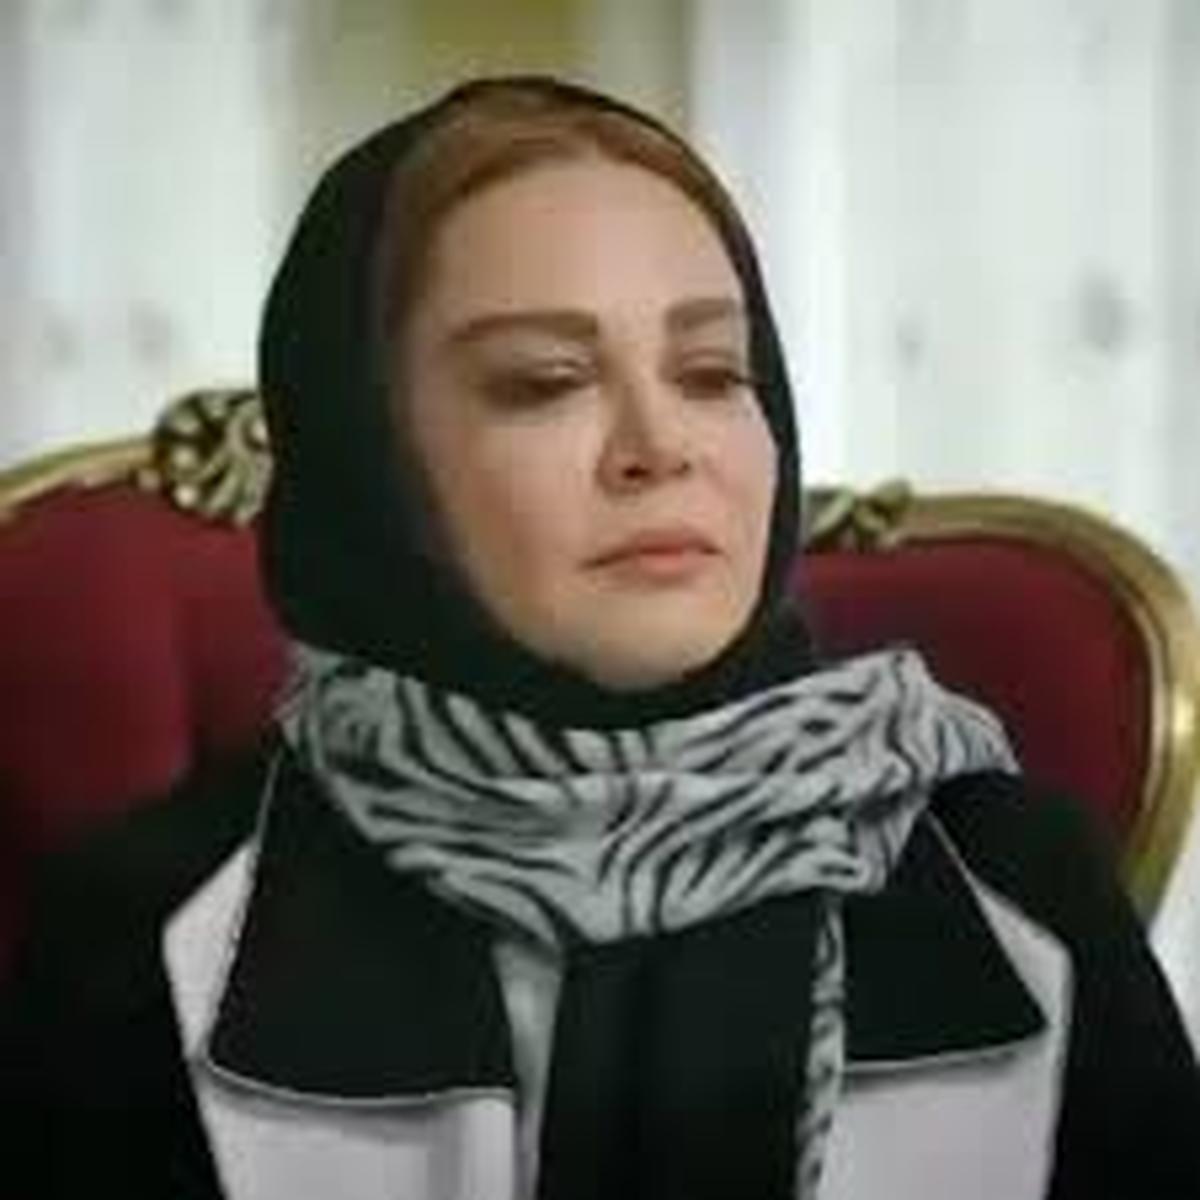 بازیگر مشهور تلوزیون وسینما  عزادار شد + عکس